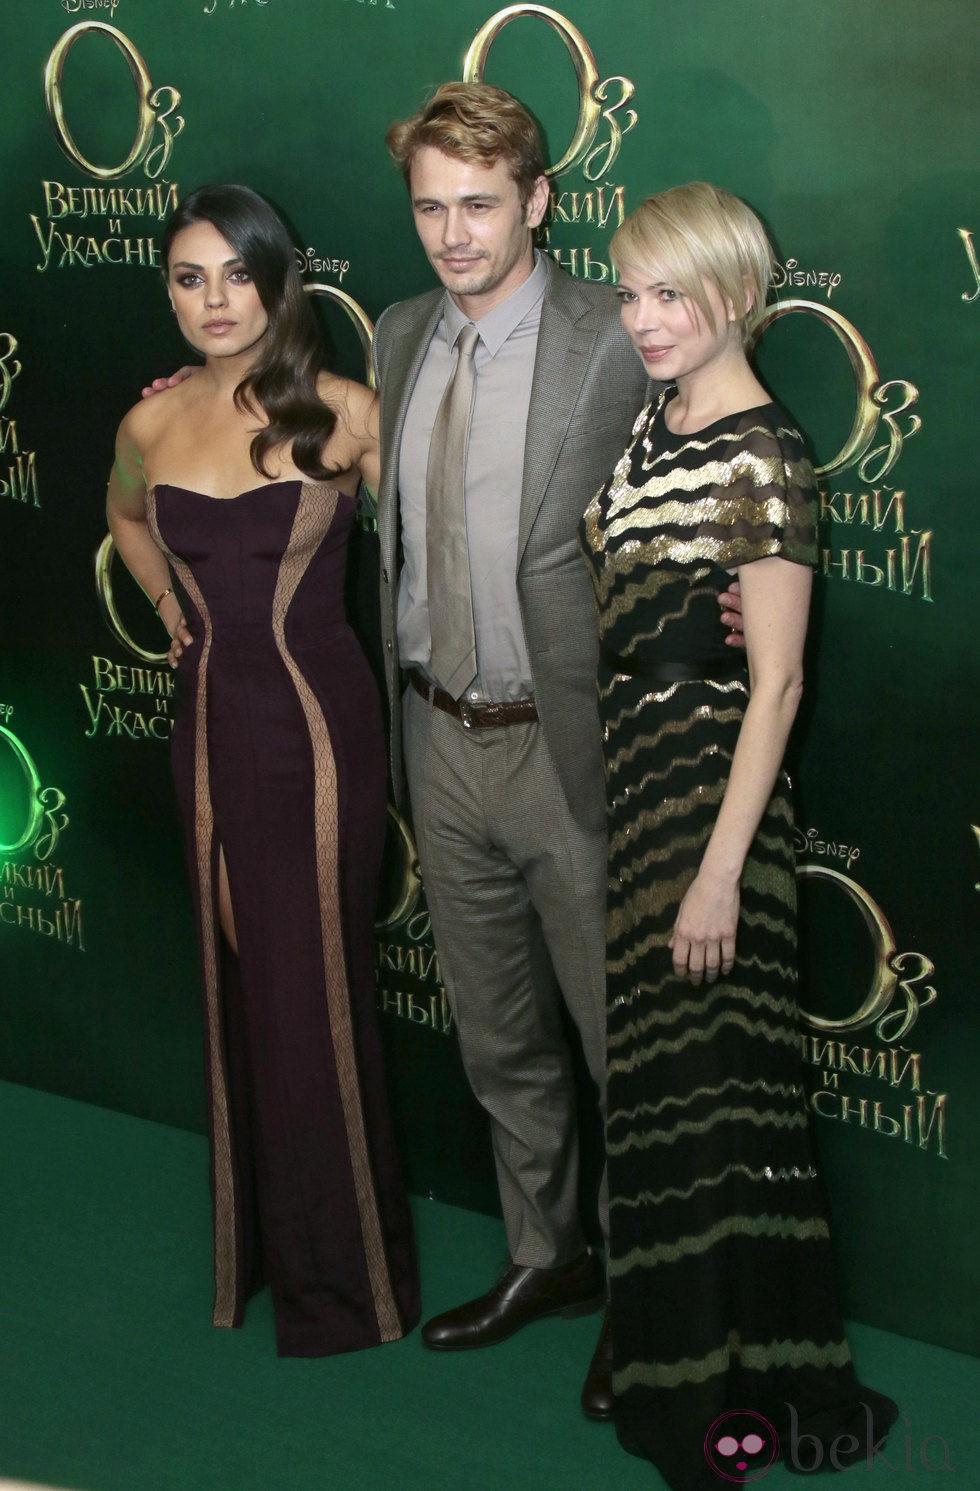 Mila Kunis, James Franco y Michelle Williams en el estreno de 'Oz, un mundo de fantasía' en Moscú